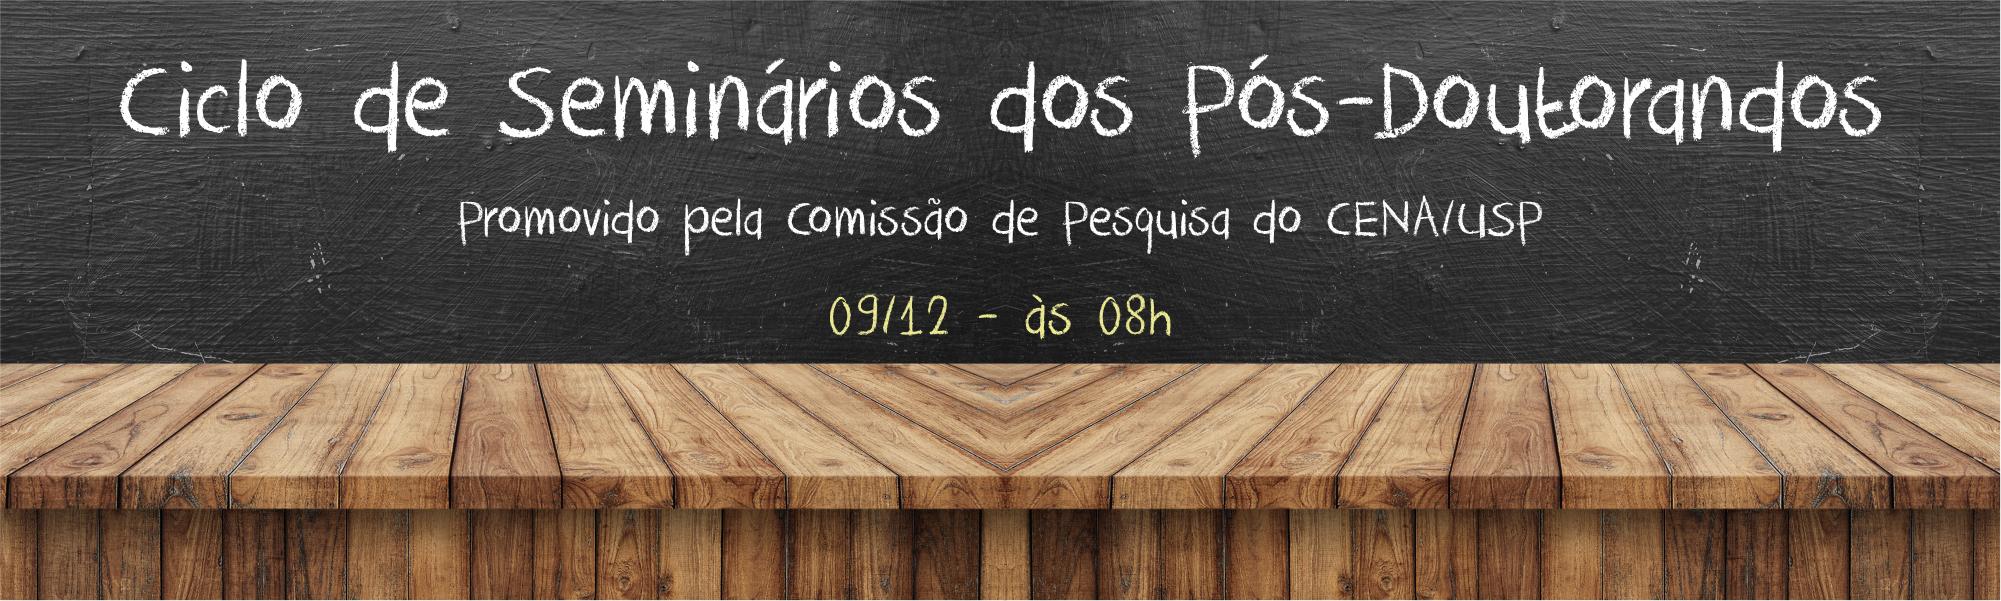 slide_ciclo_seminarios_posdoc